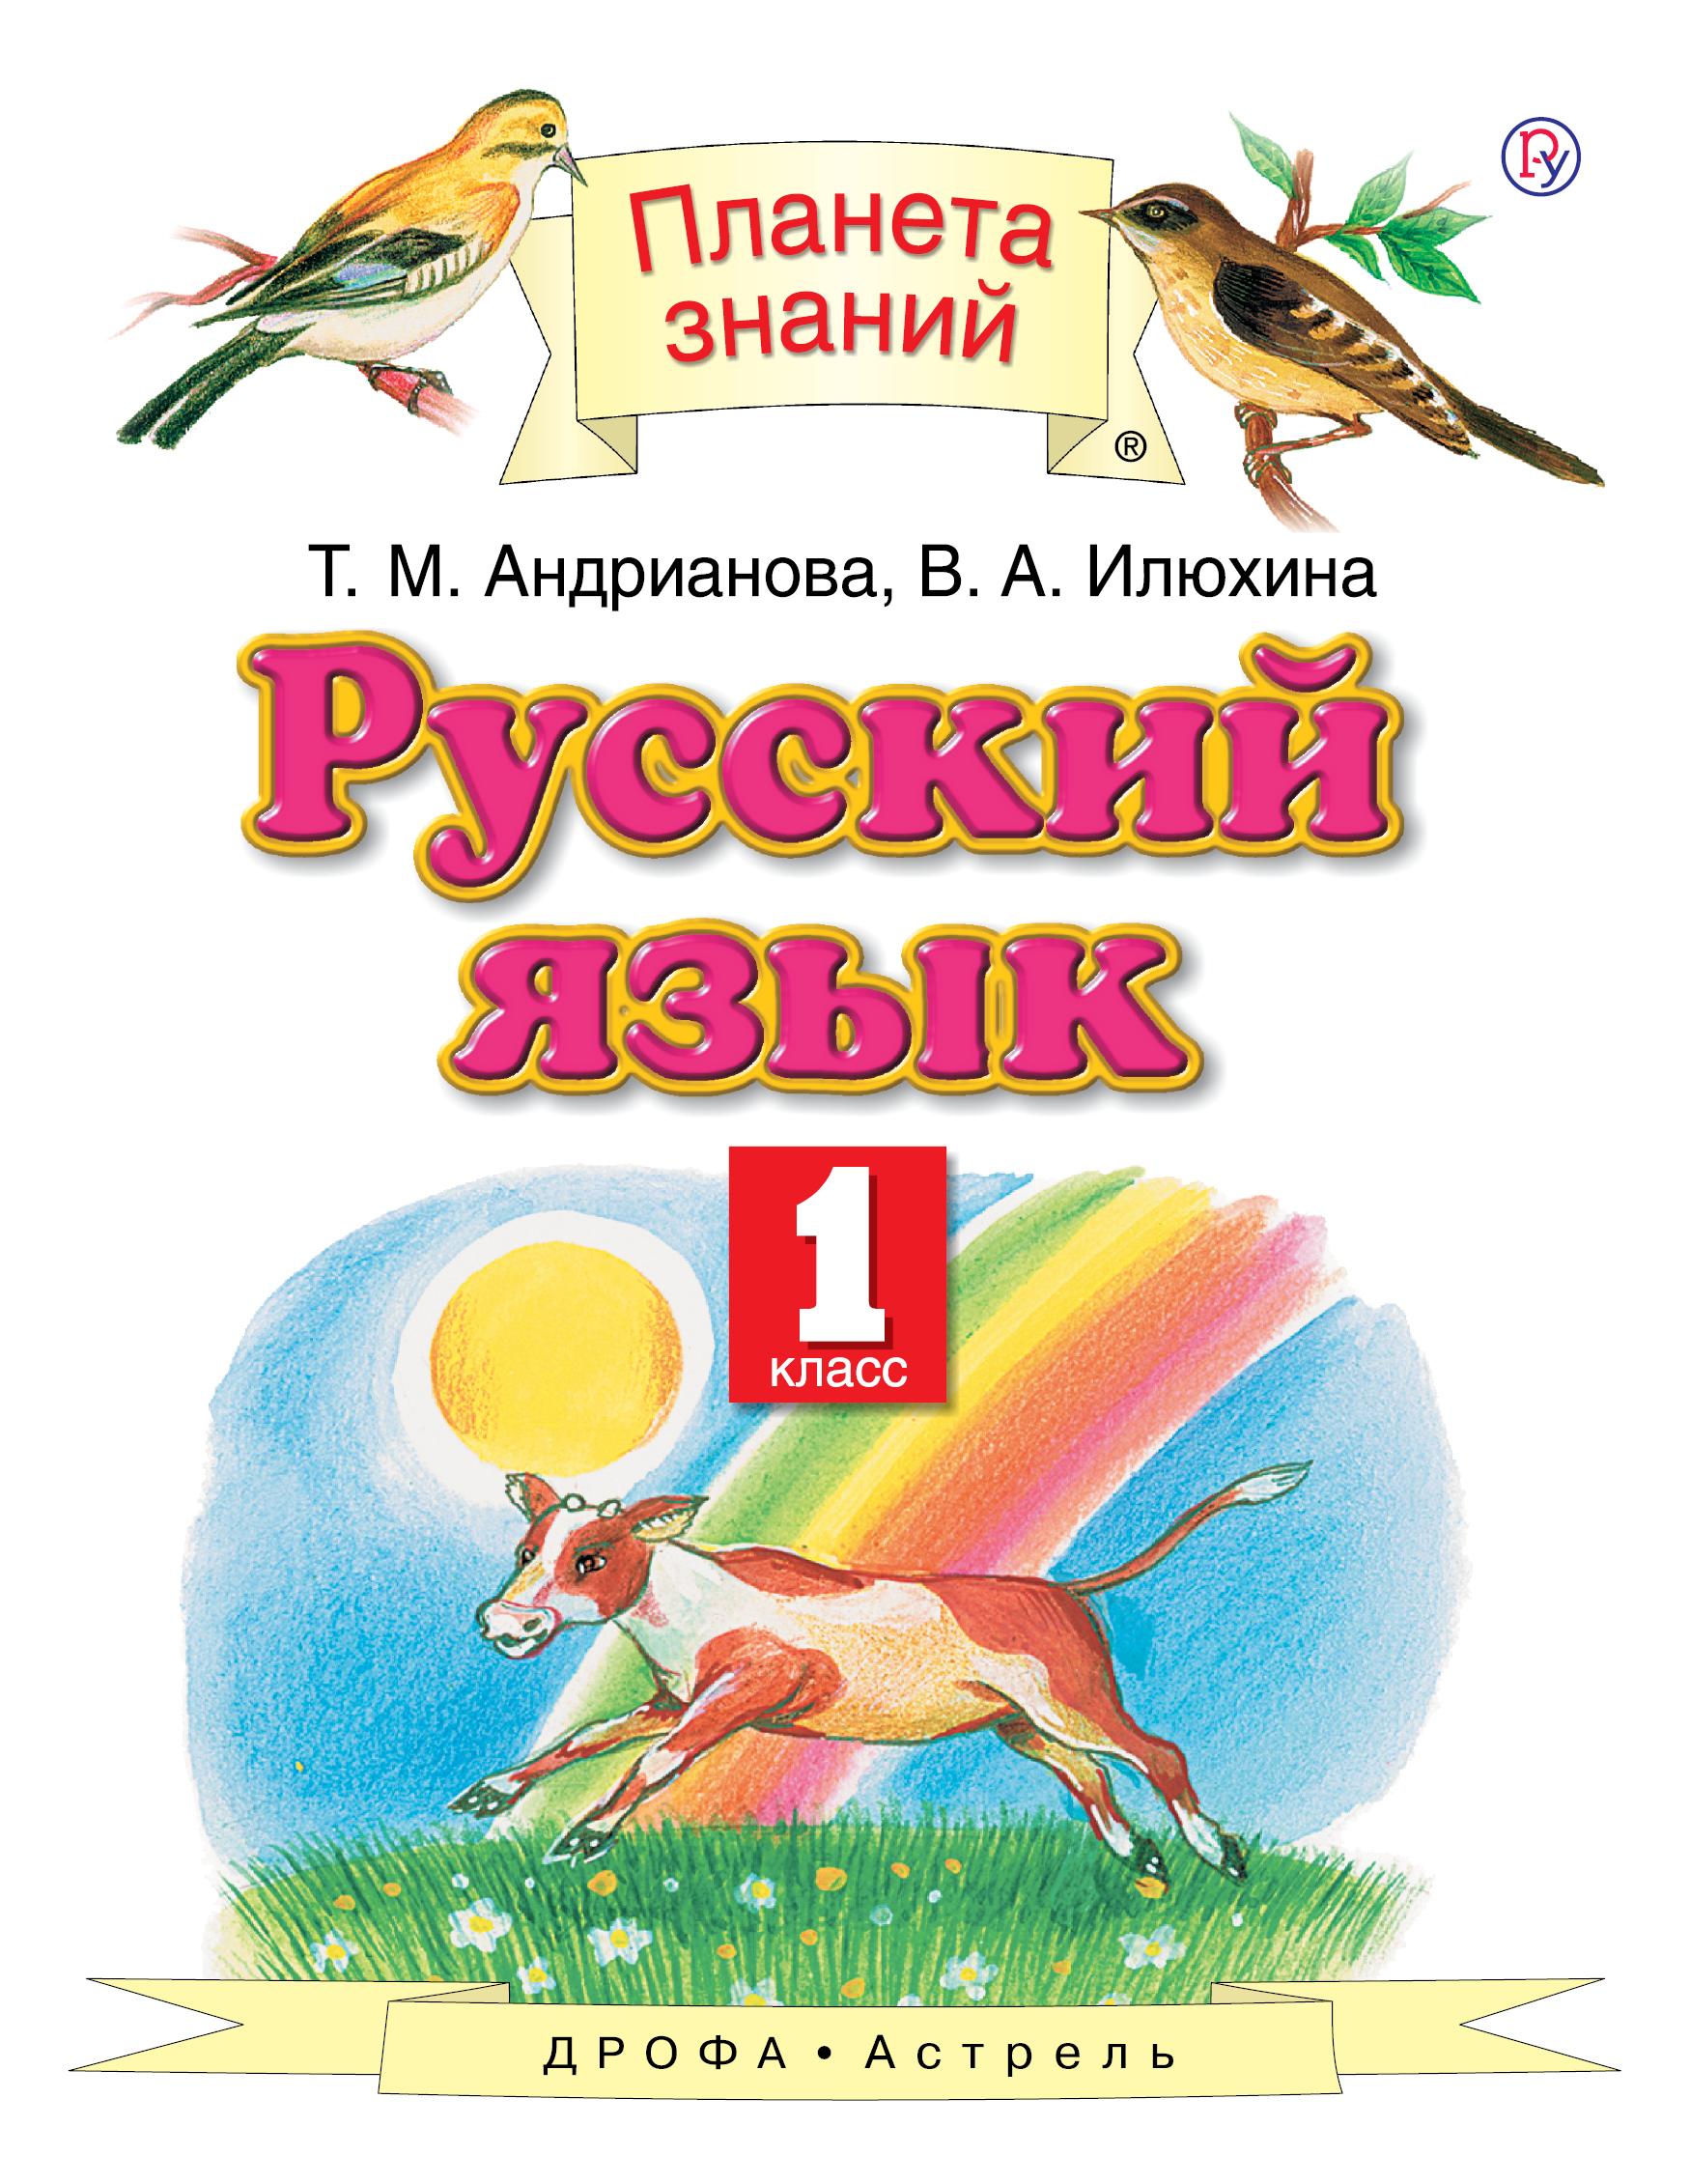 Русский язык. 1 класс, Андрианова Т М; Илюхина Вера Алексеевна